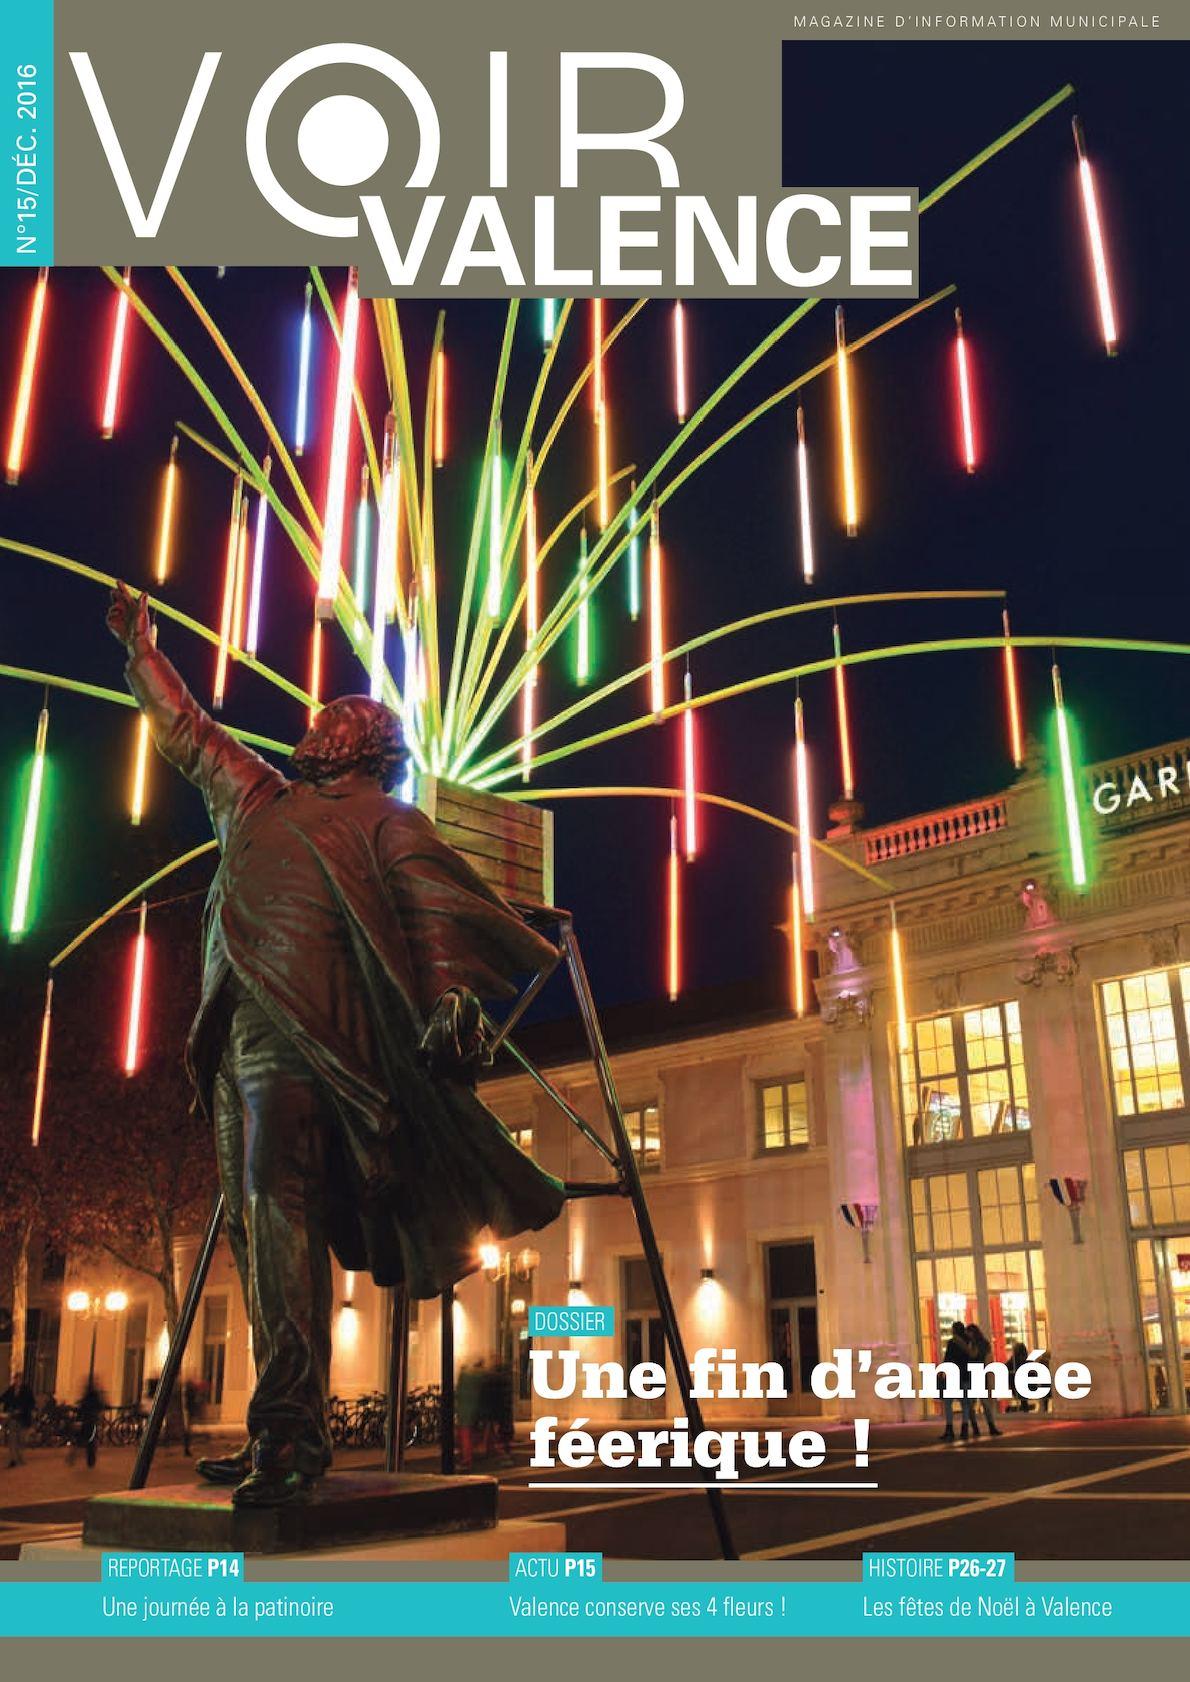 Calaméo - Voir Valence N15 Déc 2016 pour Piscine Plein Ciel Valence